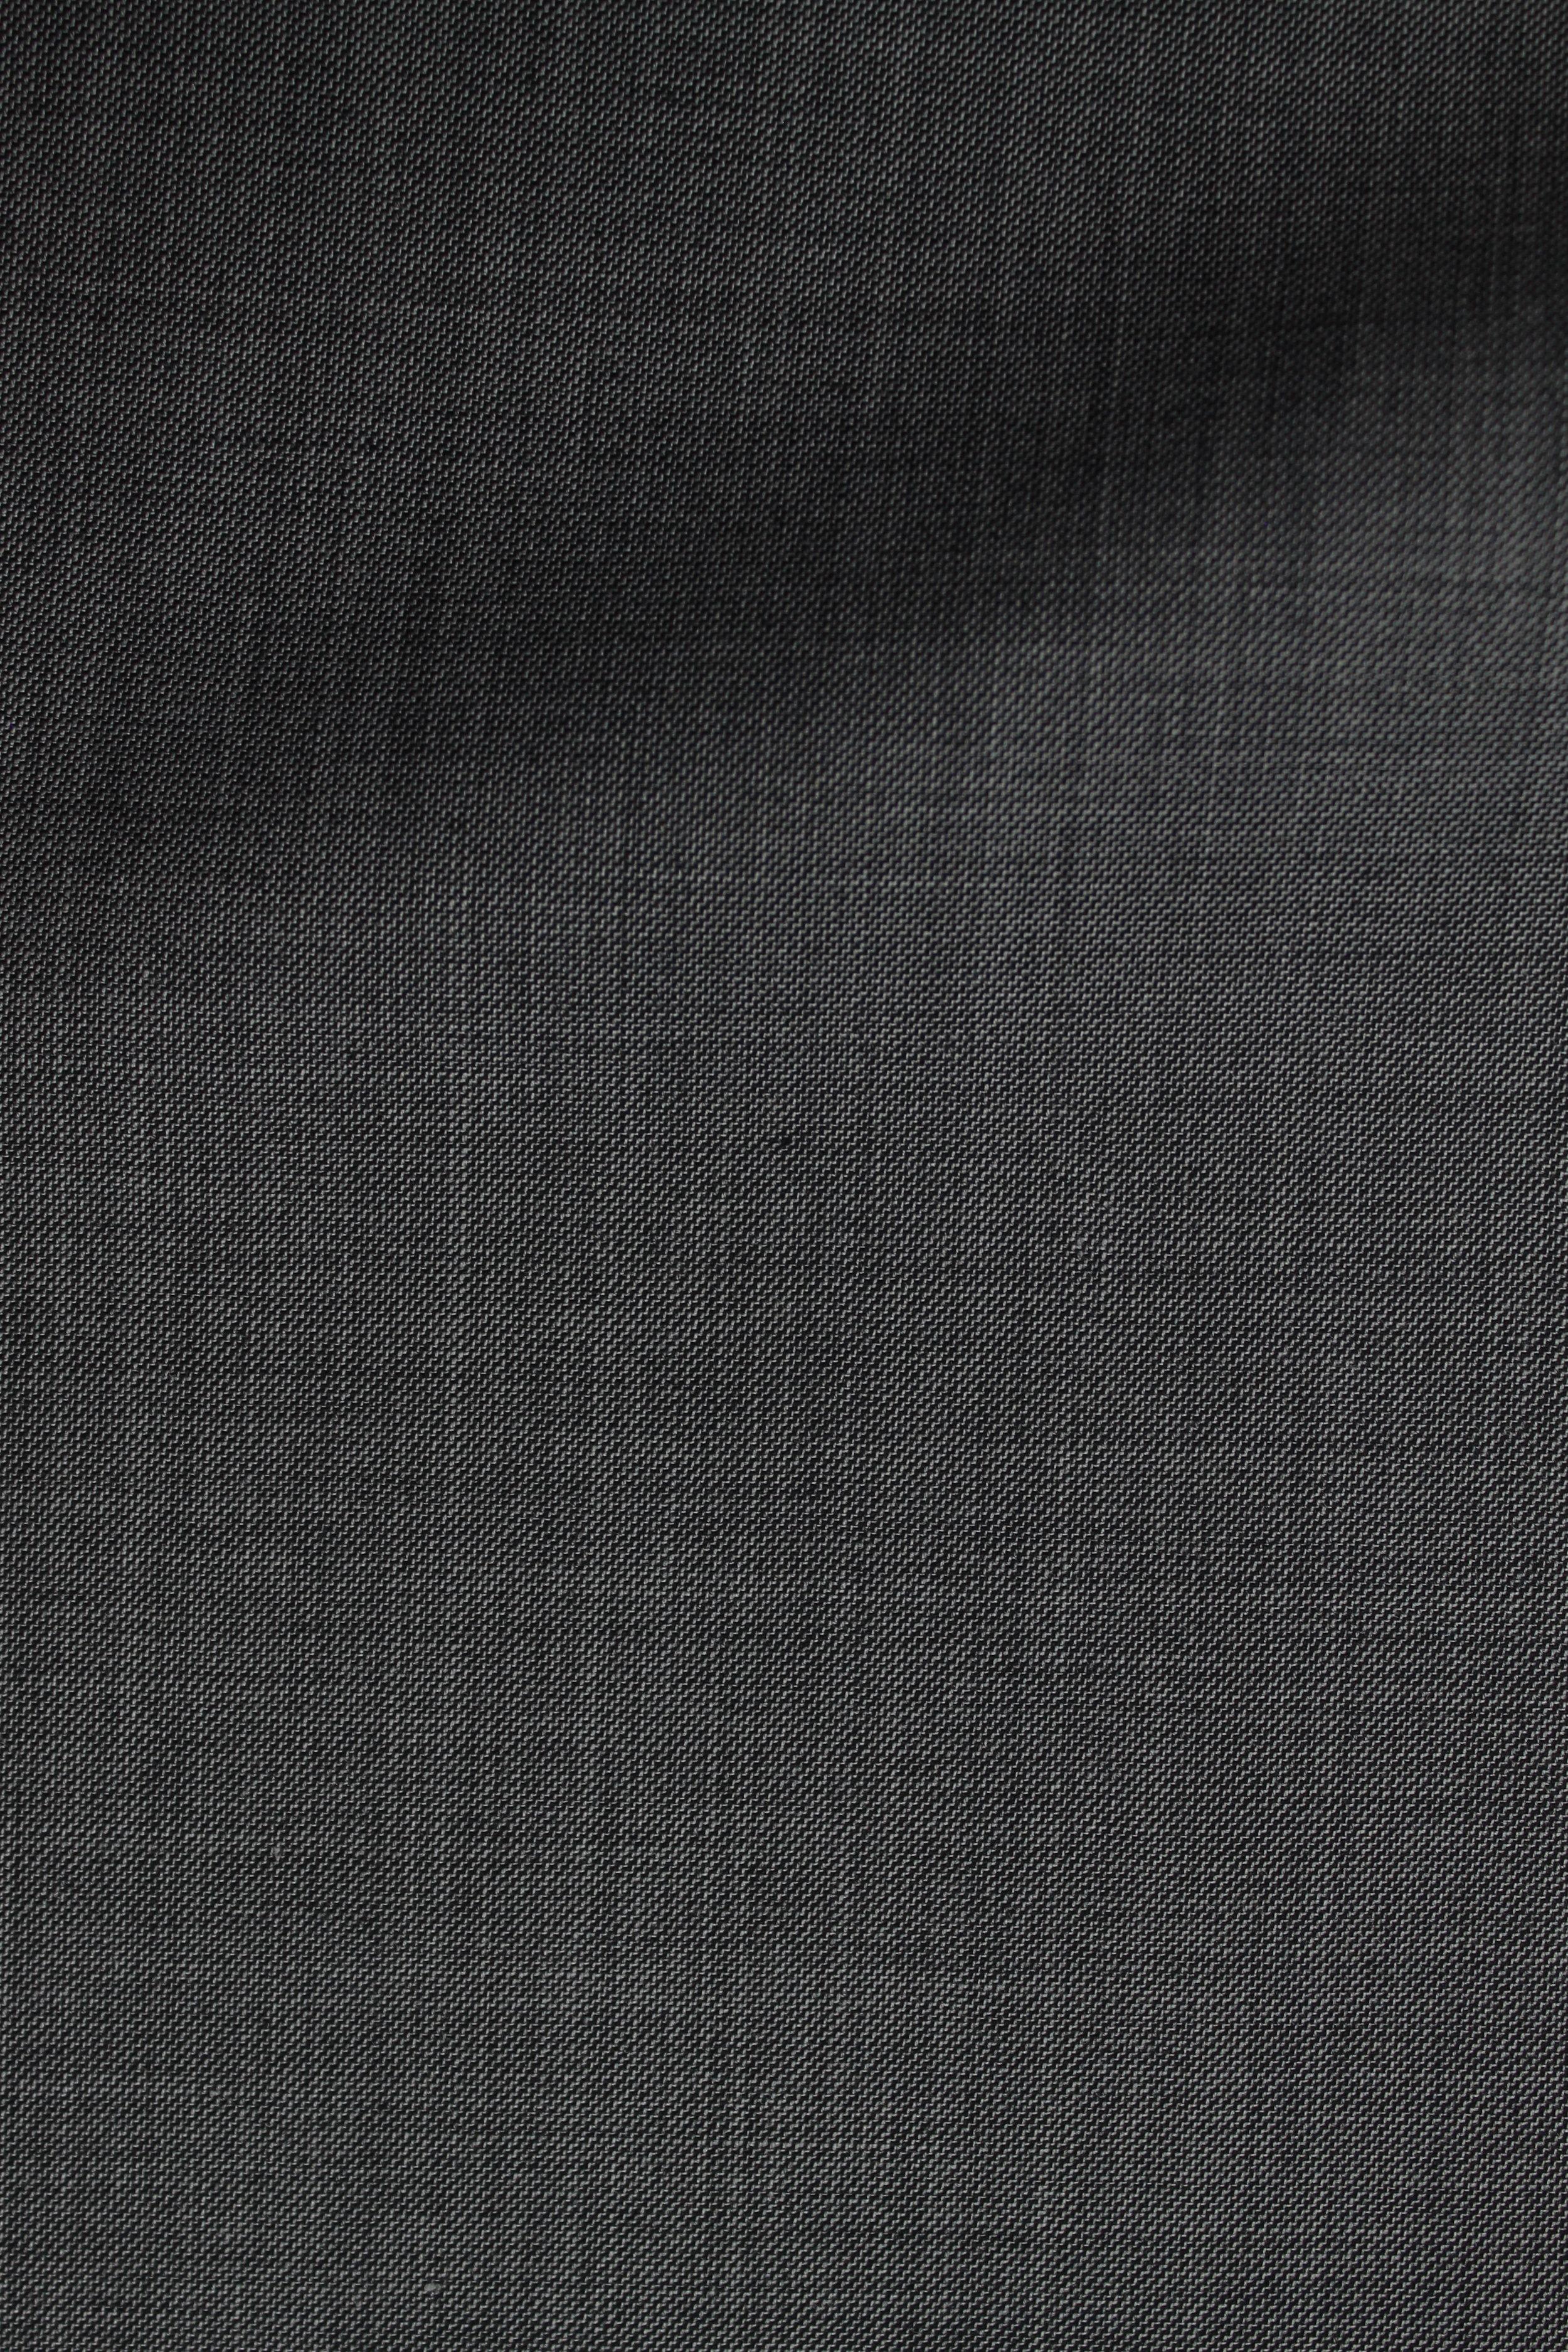 7610 Light Grey Nailshead Twill 280g.JPG